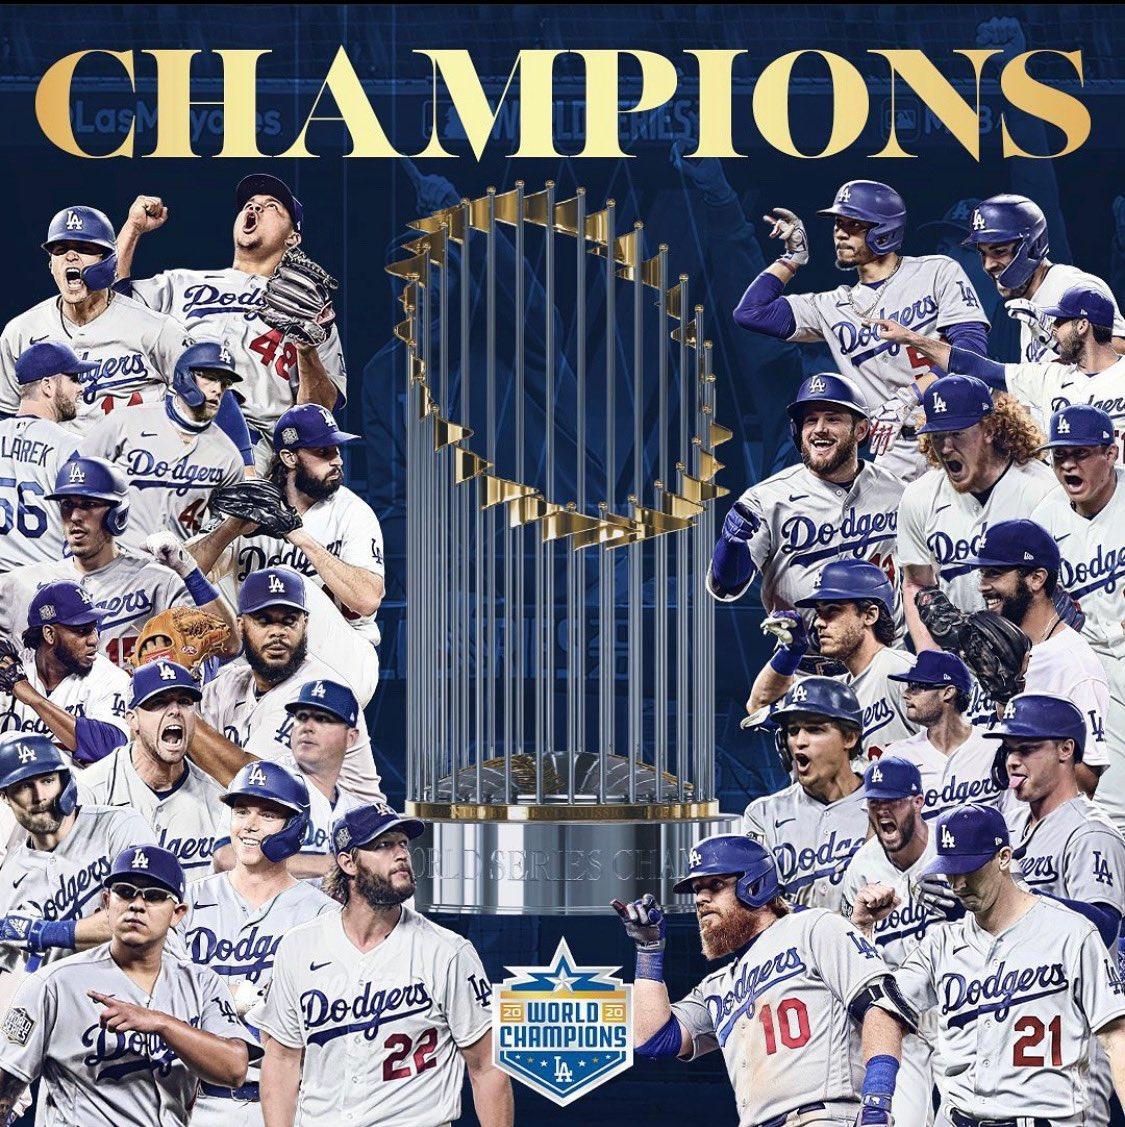 #Dodgers End of tweet